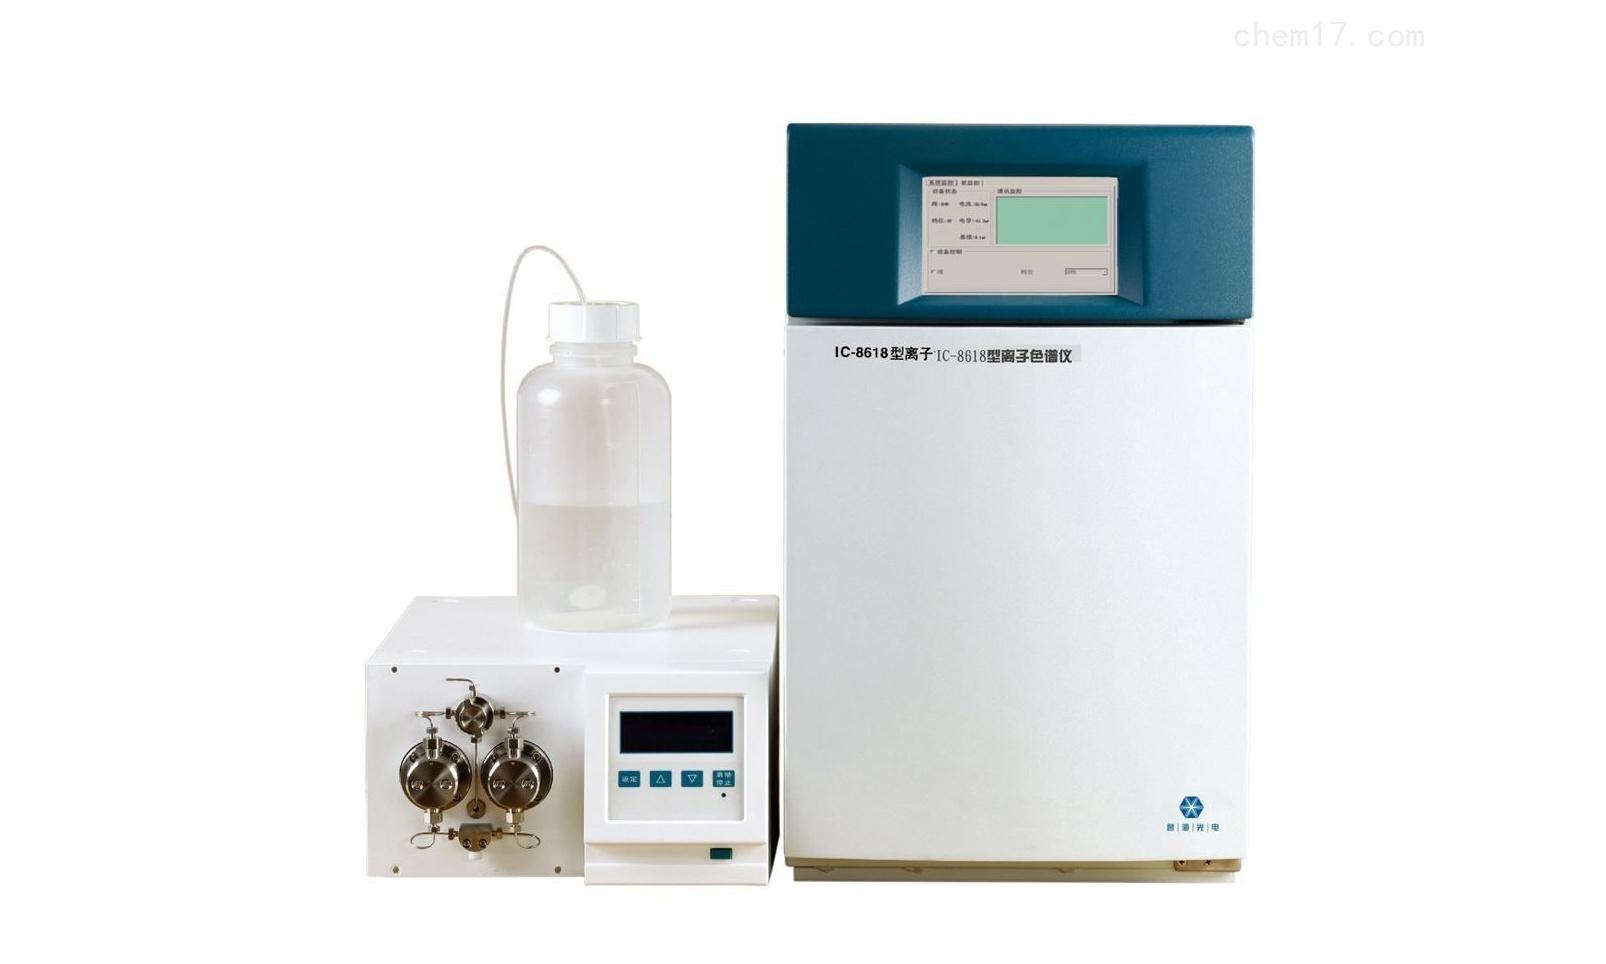 泰州环境监测中心离子色谱仪采购项目公开招标